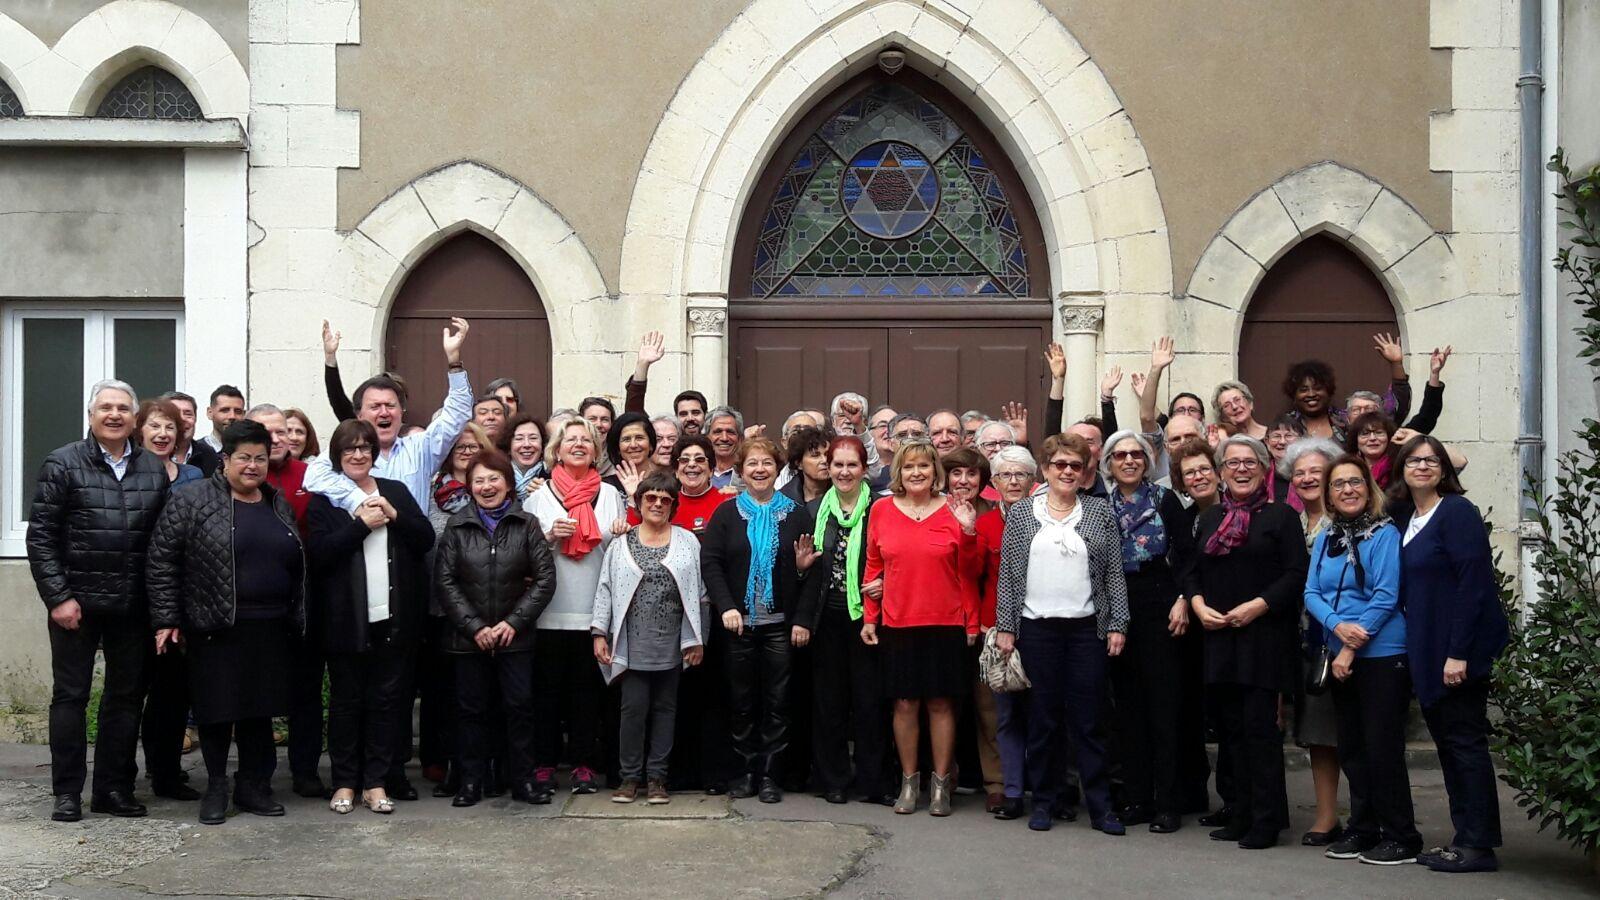 Mini Rénania, Synagogue de Nantes, 18-19 mars 2017. Vous reconnaissez-vous?